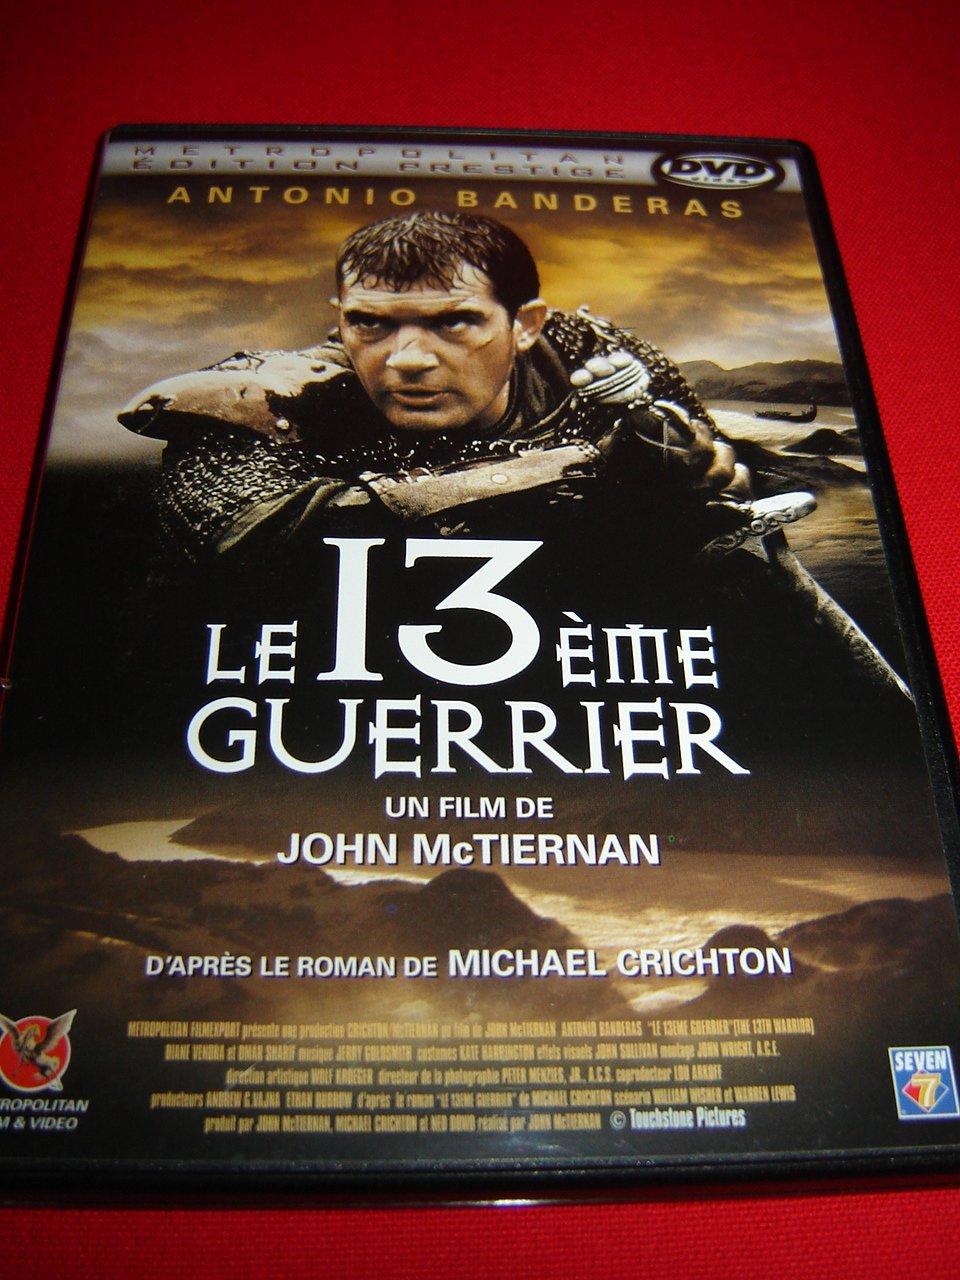 GUERRIER 13EME FILM TÉLÉCHARGER LE